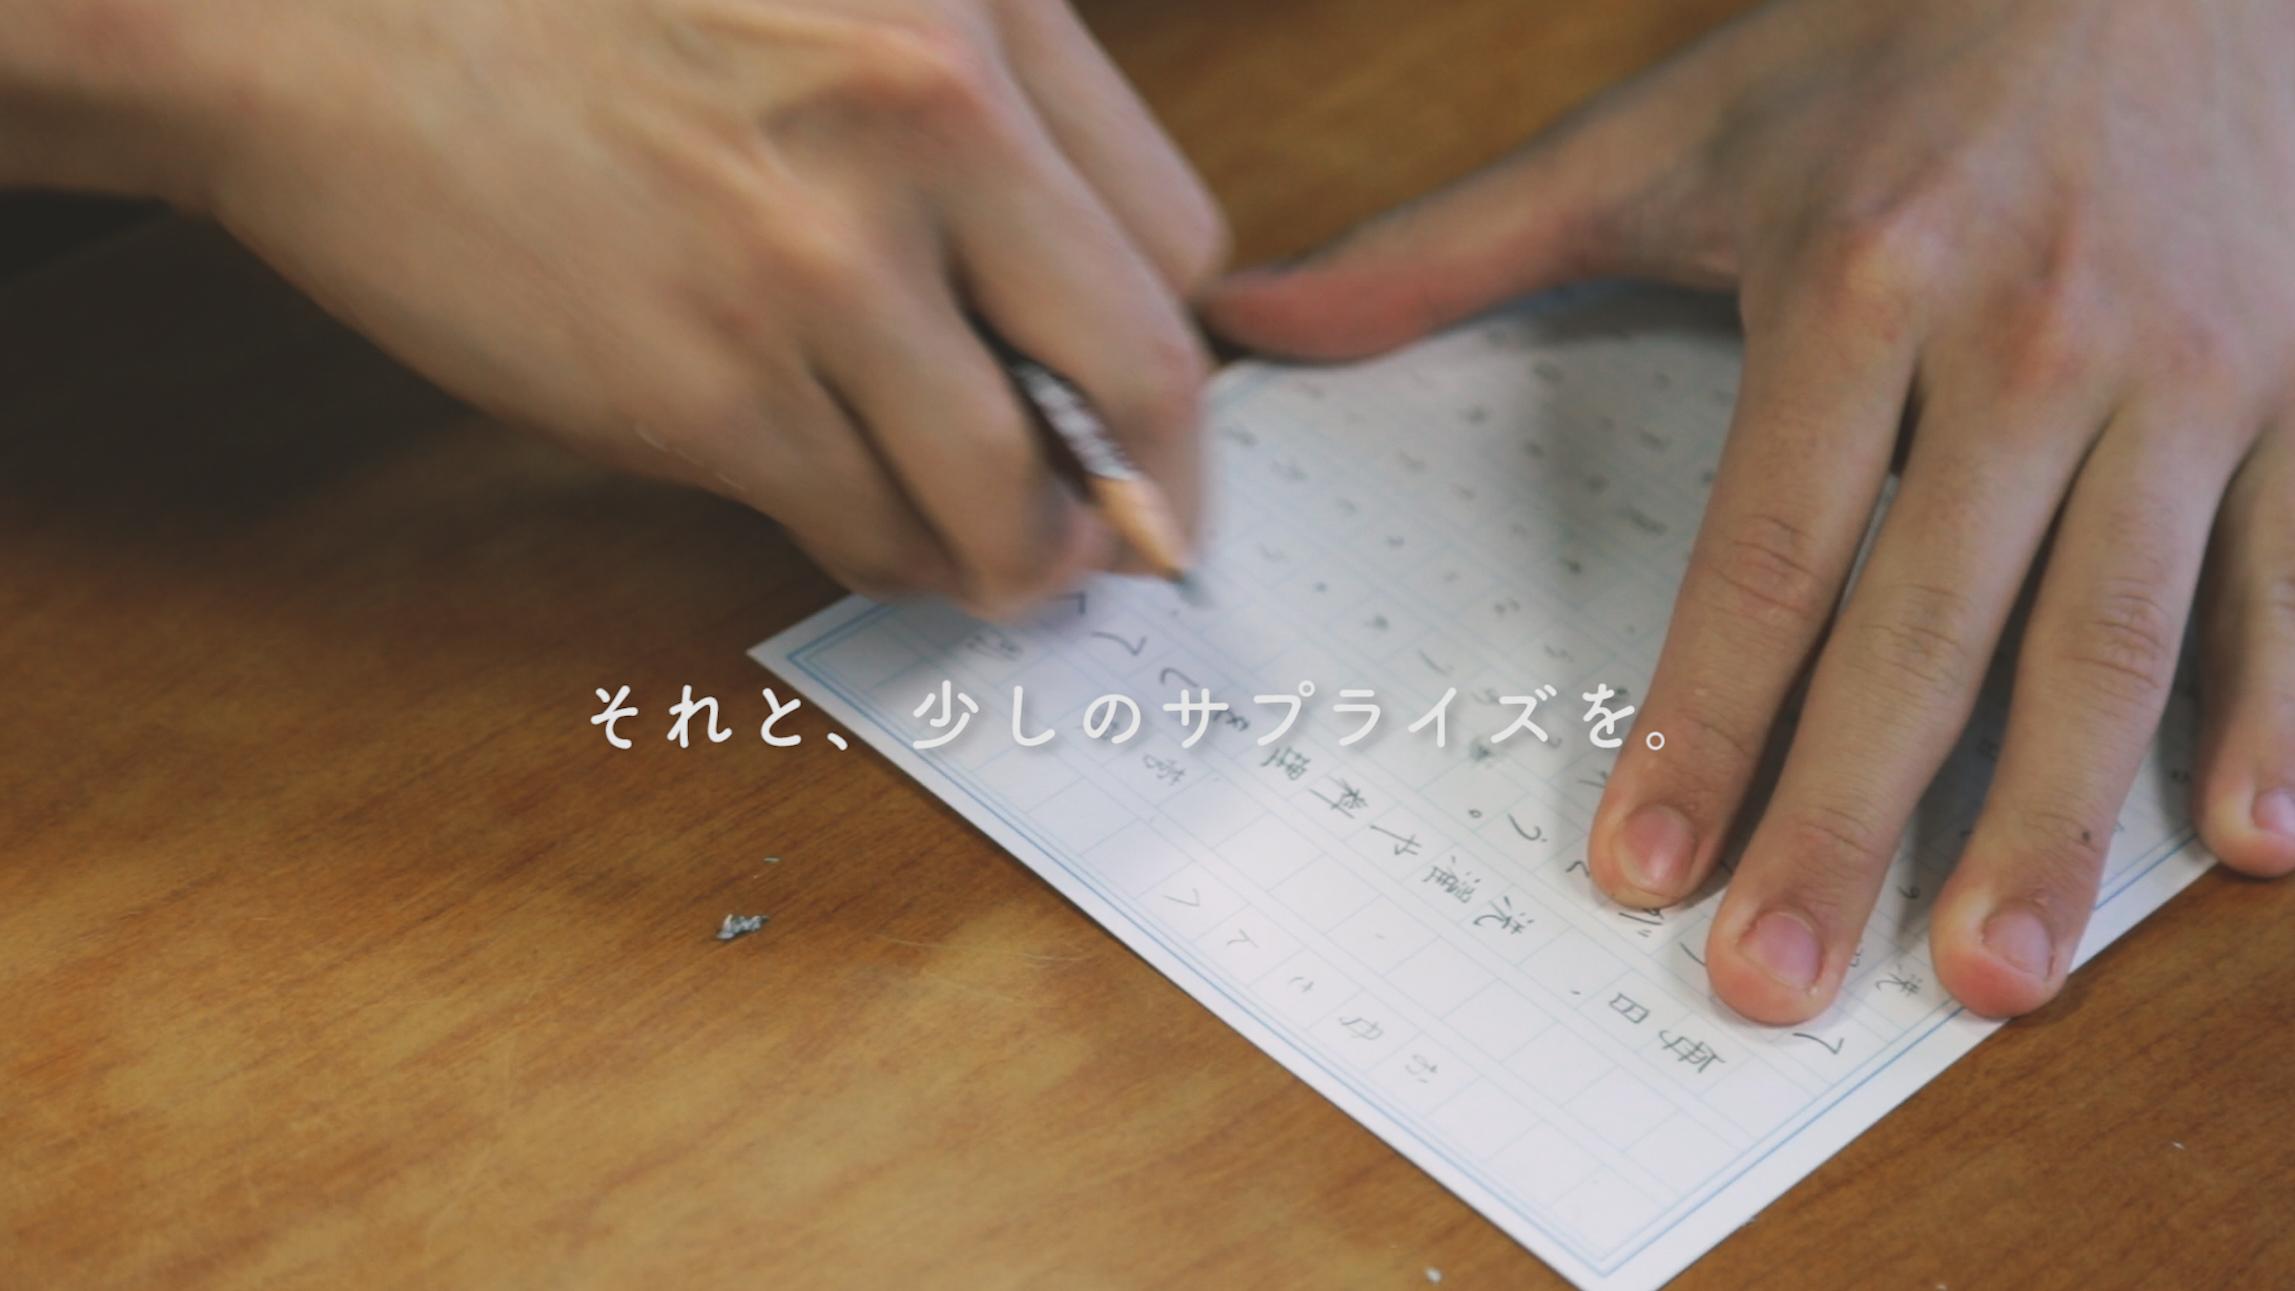 sofran_movie_dc_cap_37.jpg